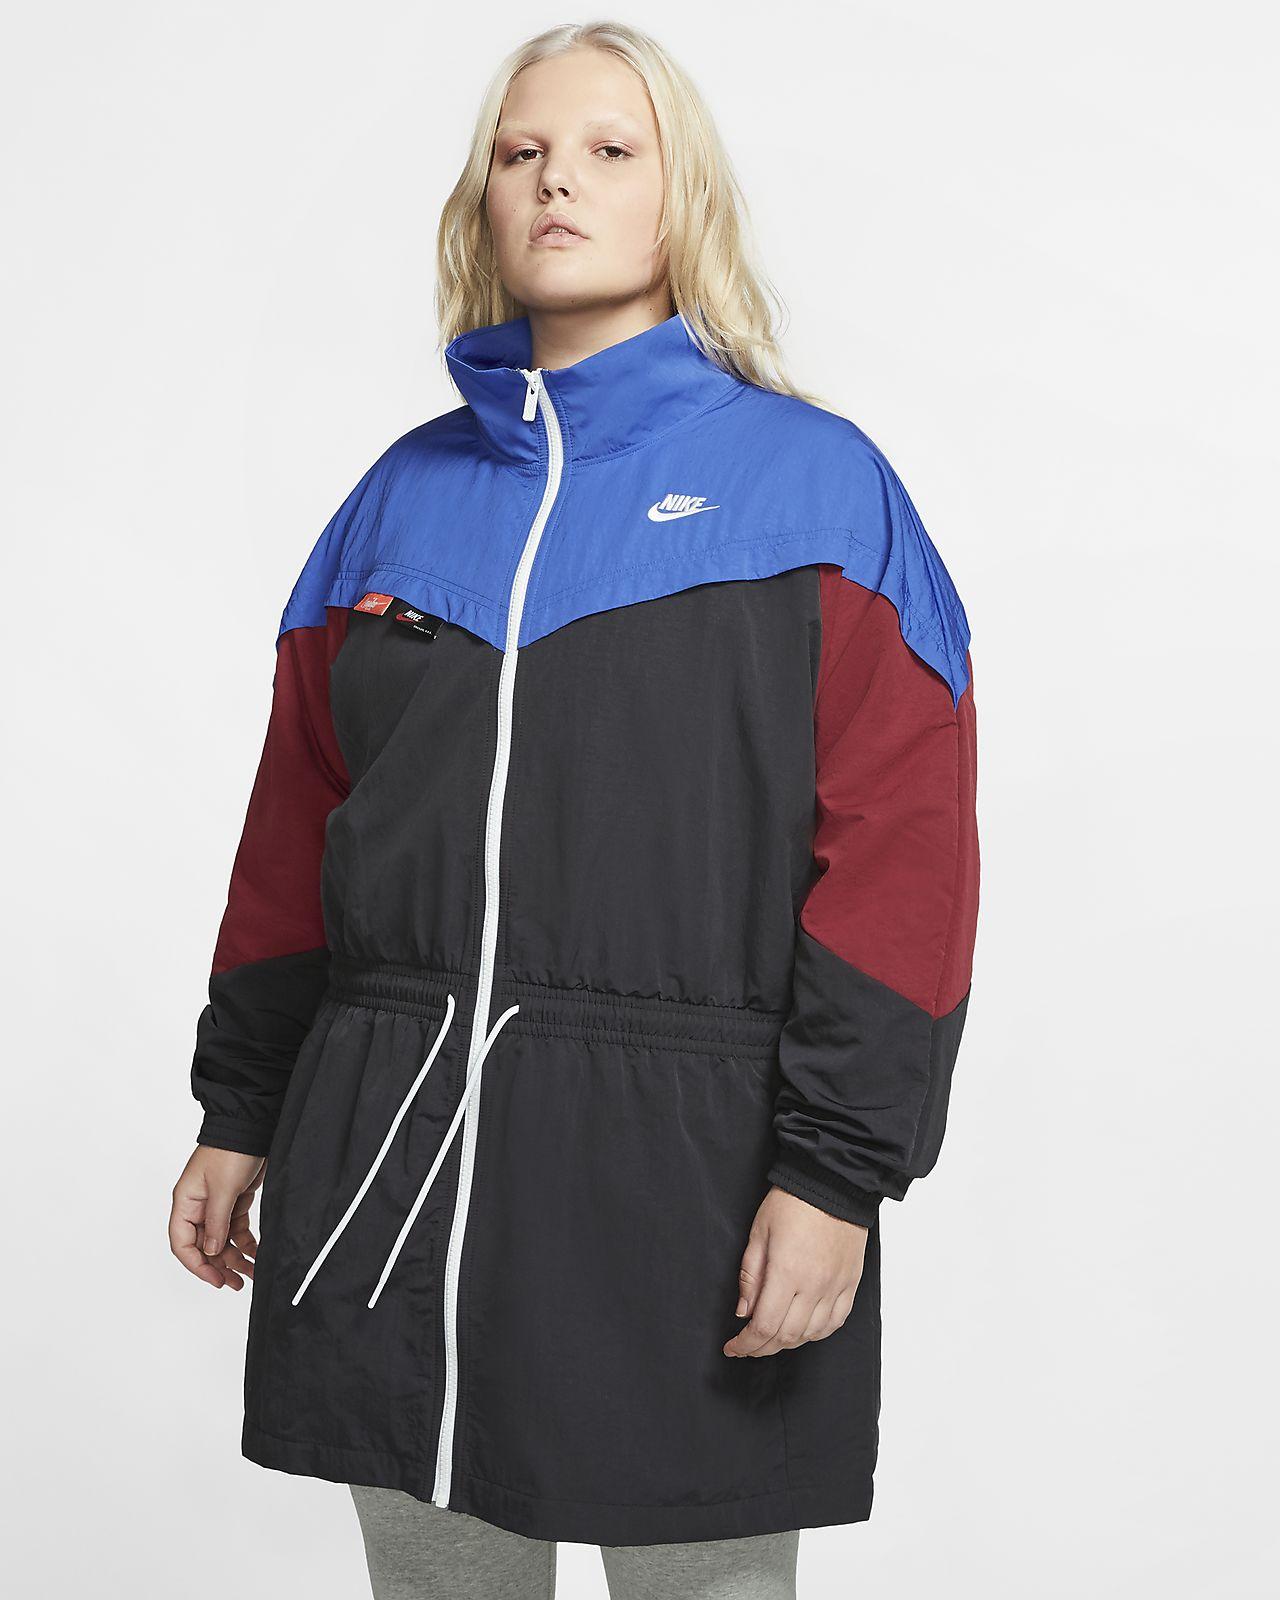 Nike Sportswear Women's Woven Track Jacket (Plus Size).